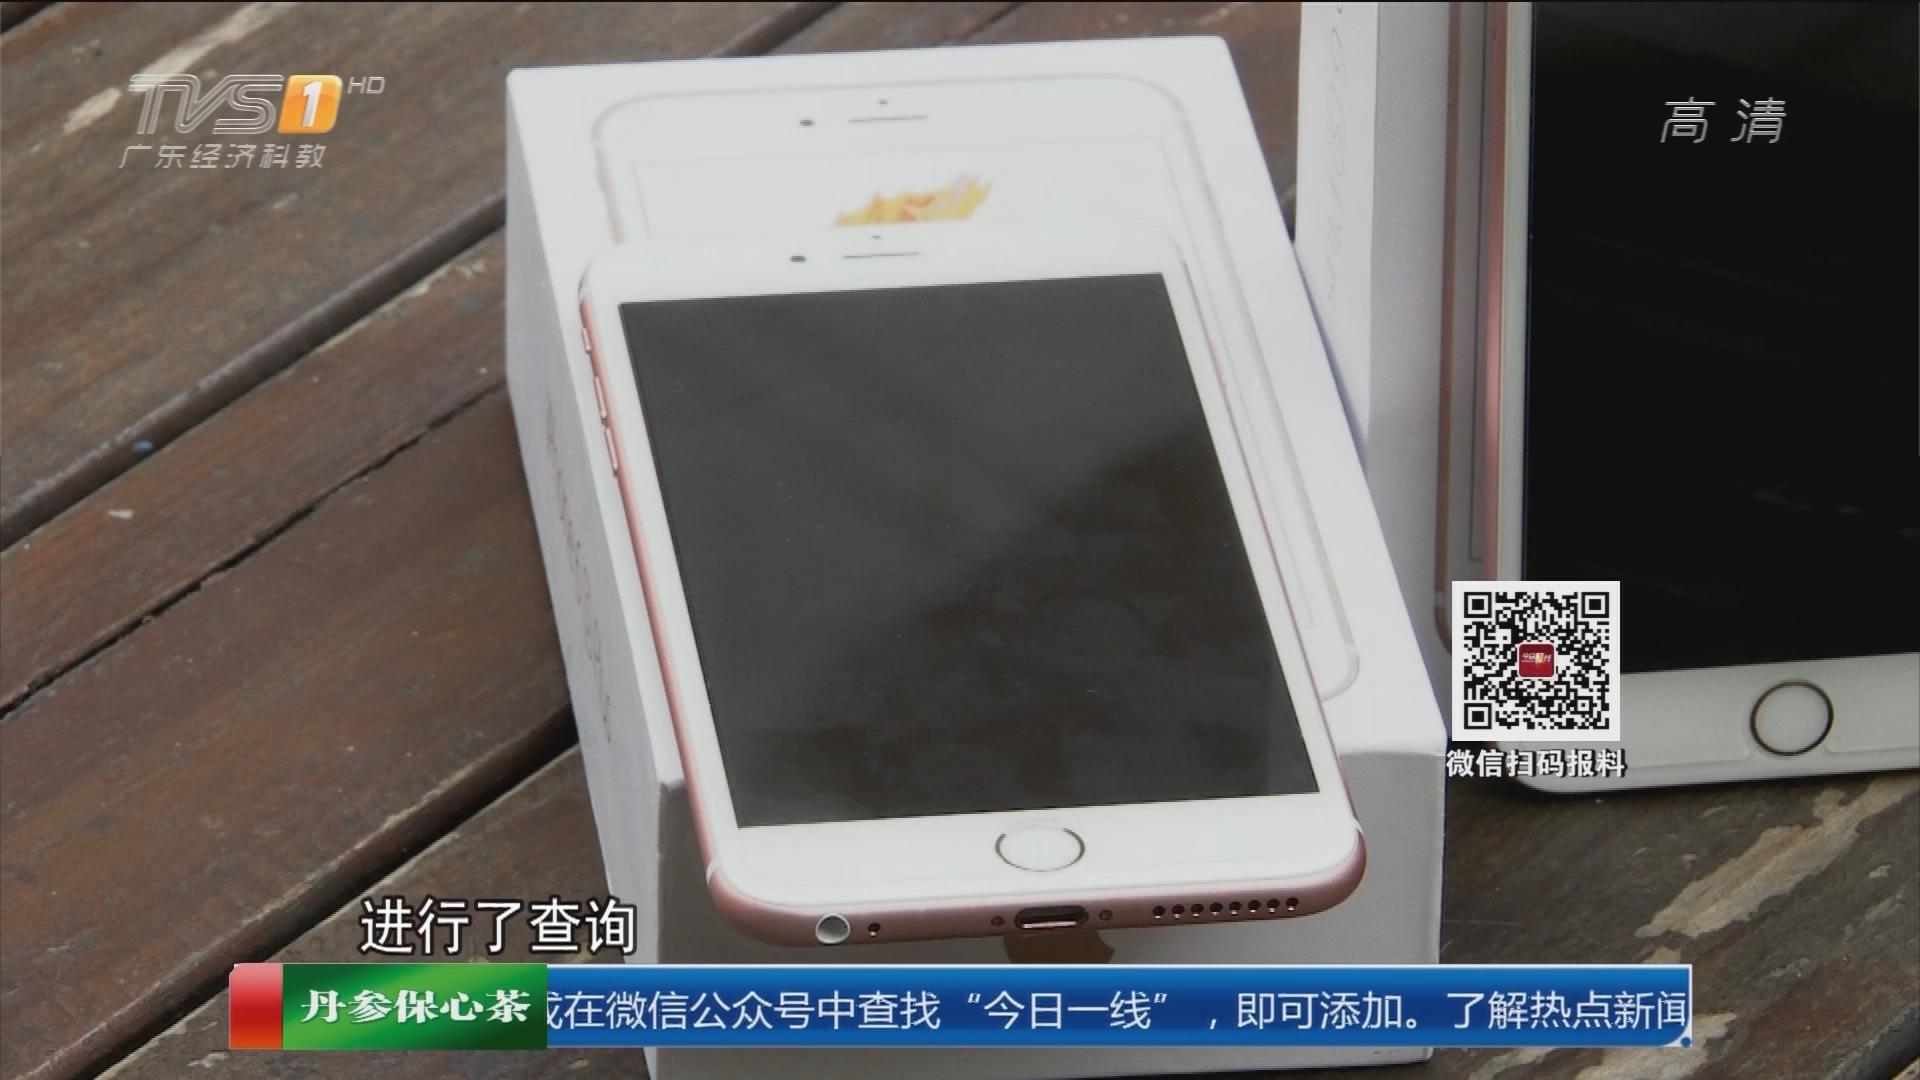 广州:新手机一年前已激活 疑买翻新机?